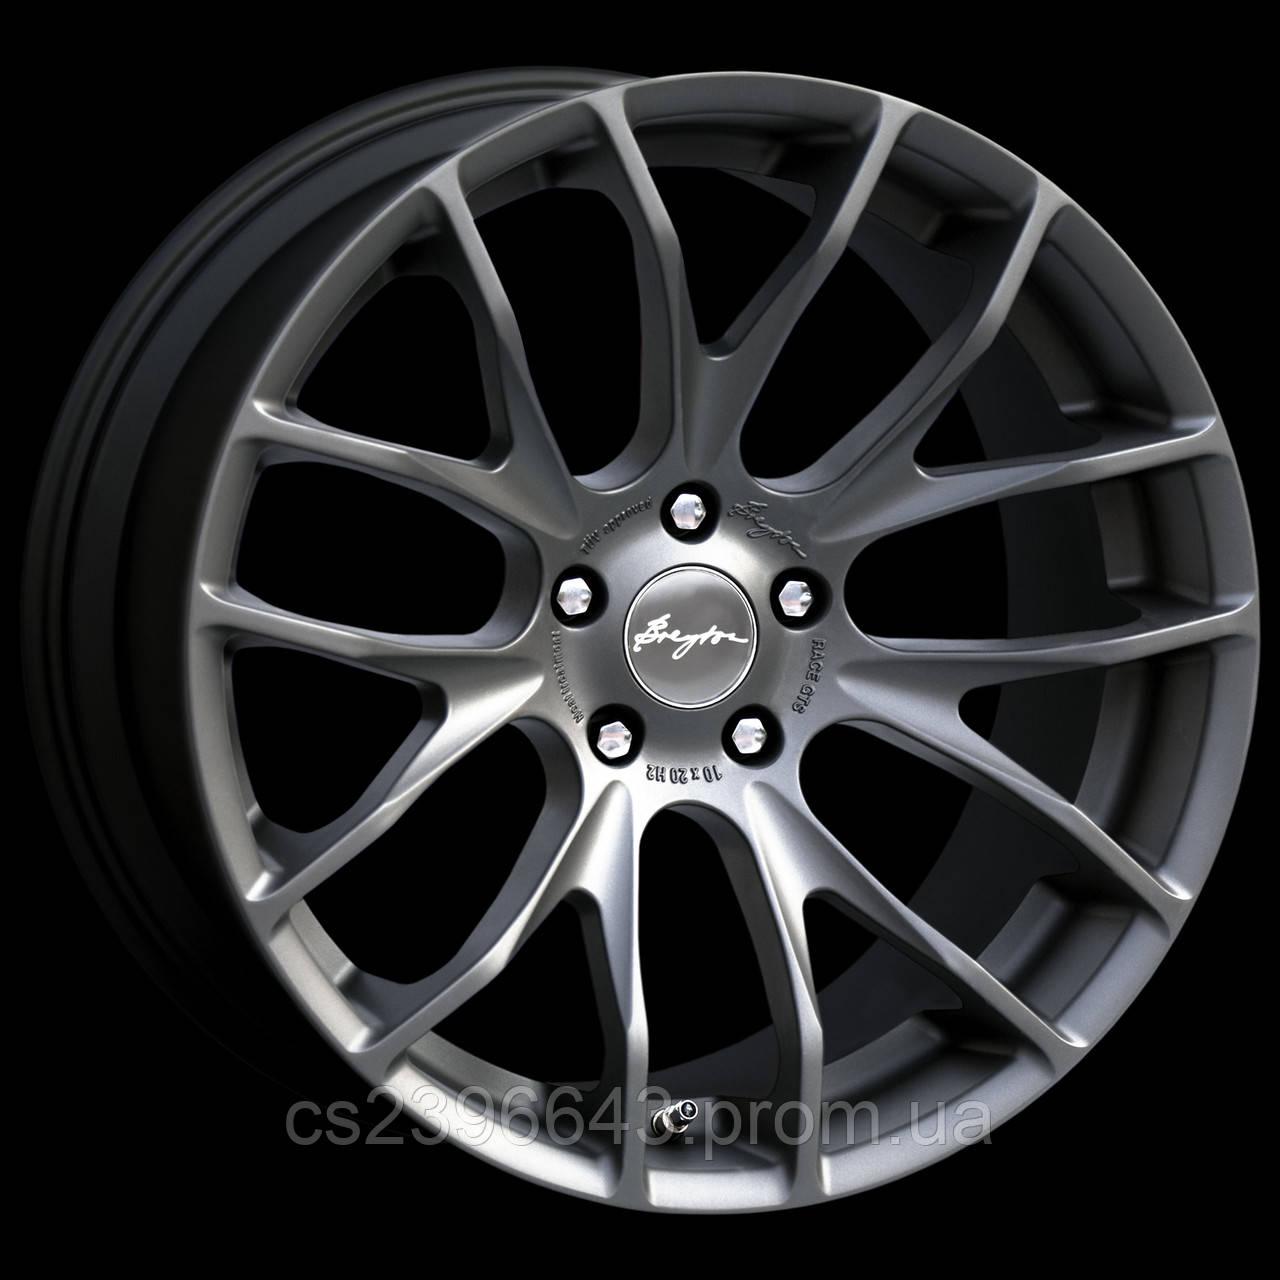 Колесный диск Breyton Race GTS 20x8,5 ET24